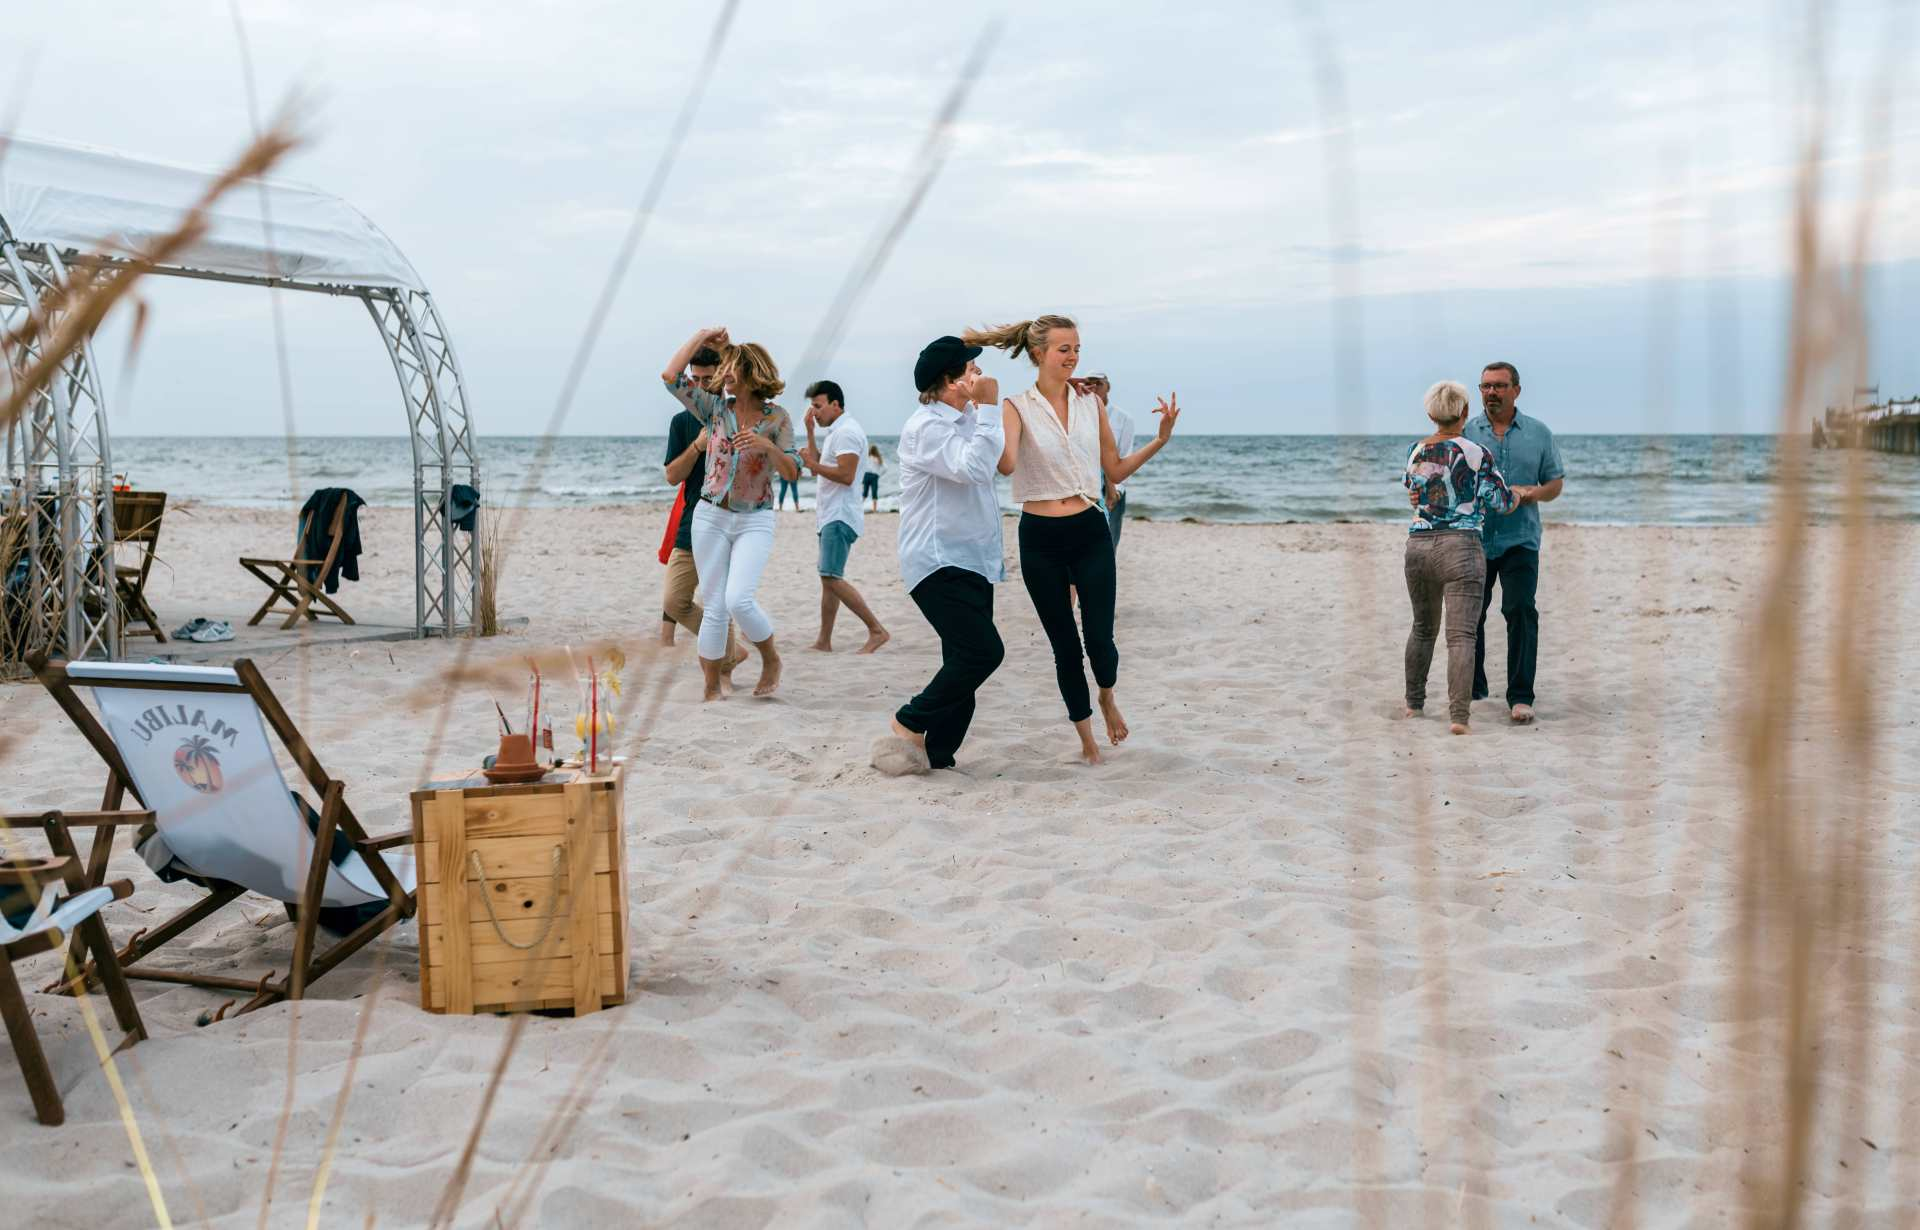 Samba tanzen am Strand der Ostsee Lounge Boltenhagen